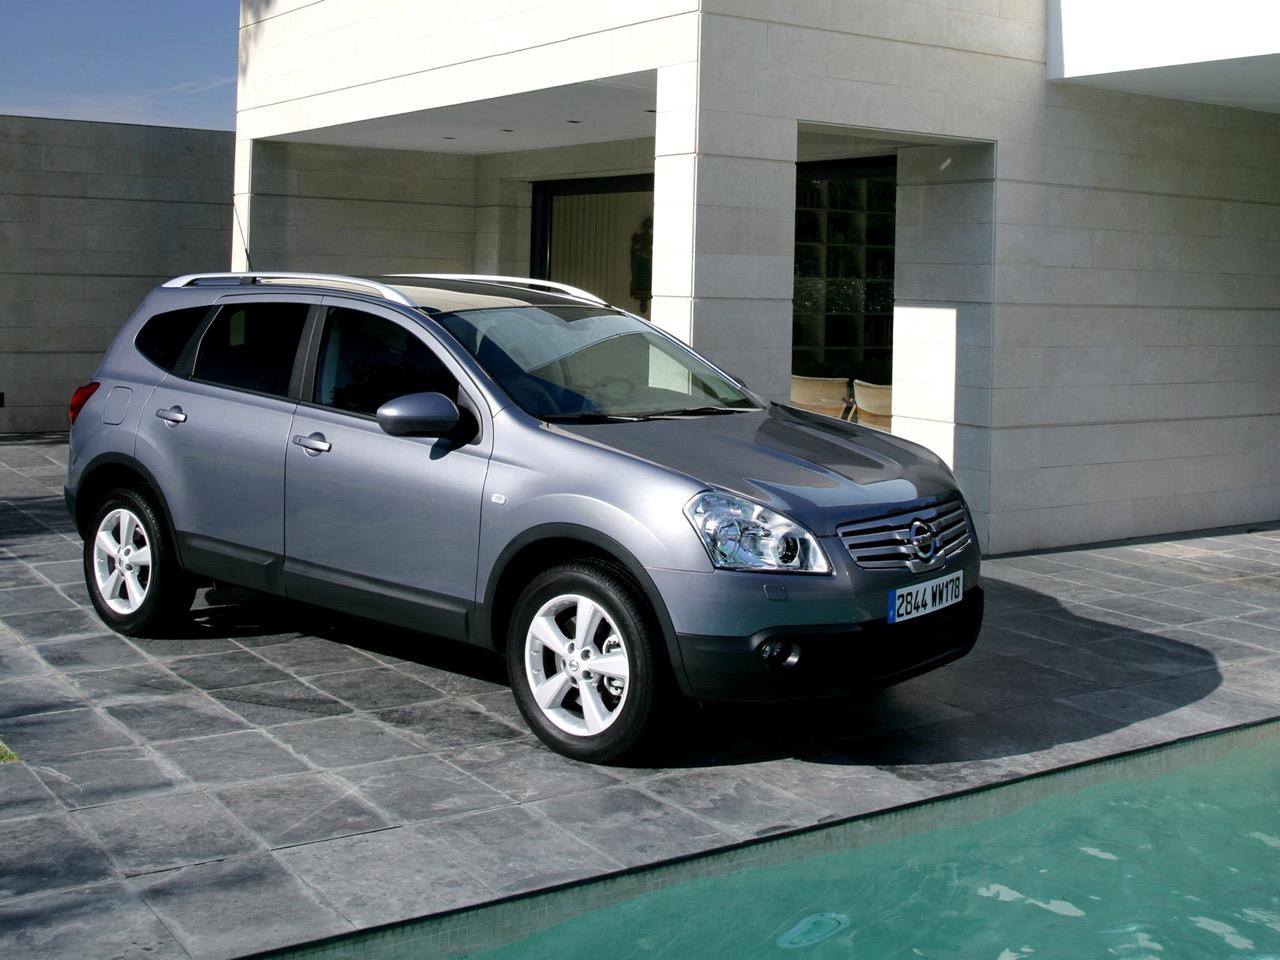 Nissan Qashqai-2 2008 – 19